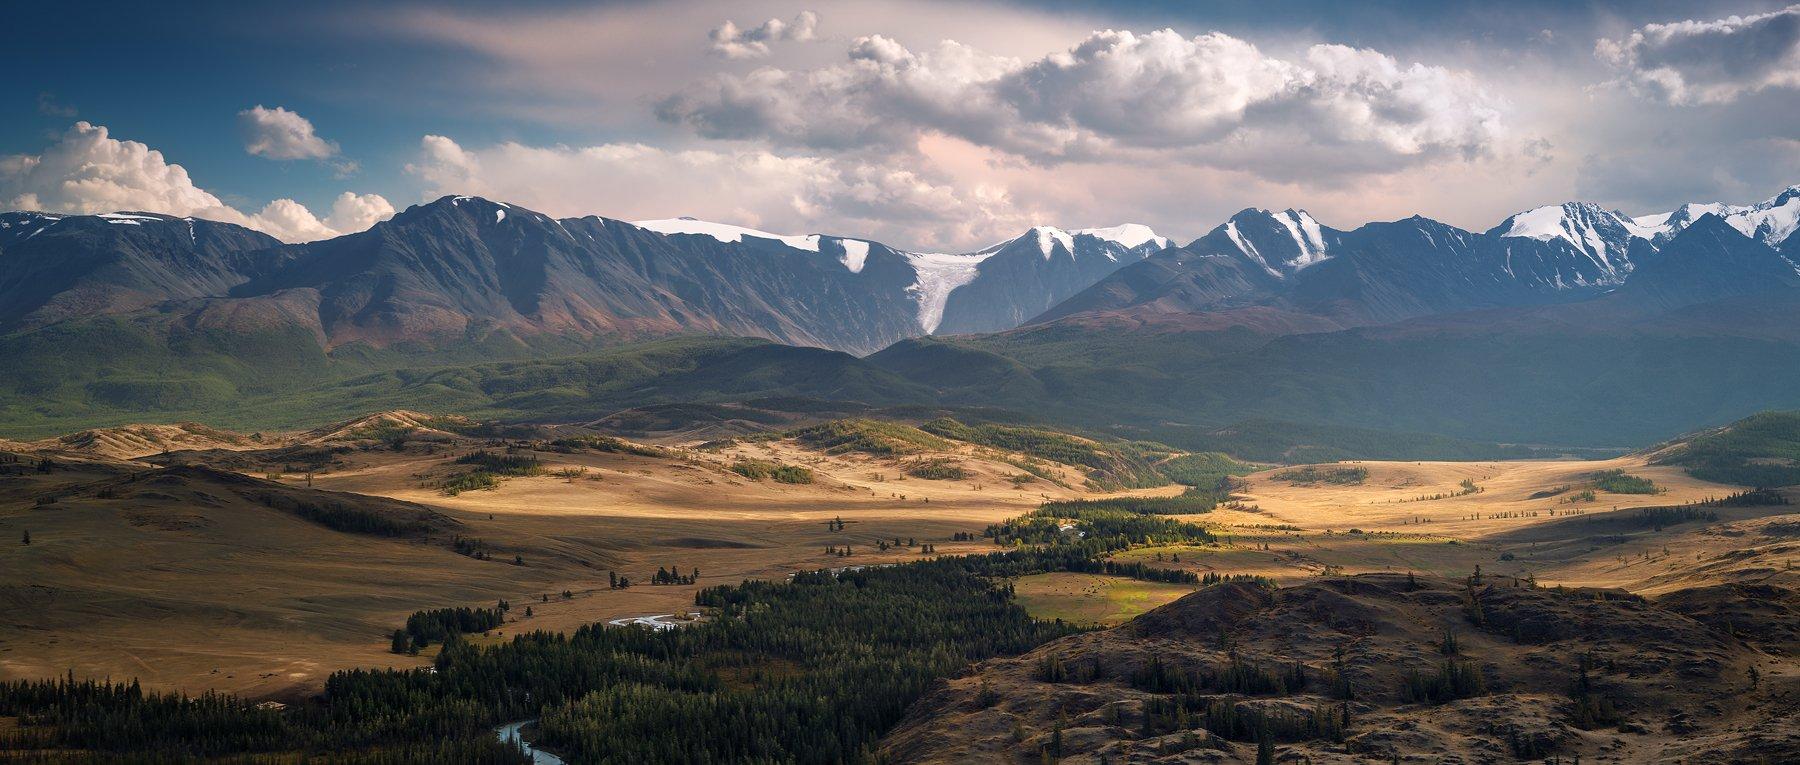 панорама, вид, пейзаж, природа, горы, вершины, хребет, степь, долина, снег, ледники, камни, скалы, высокий, большой, широкий, красивая, Алтай, Сибирь, Россия, река, путешествие, желтый, зеленый, голубой, далекий, panorama, view, landscape, nature, mountai, Дмитрий Антипов